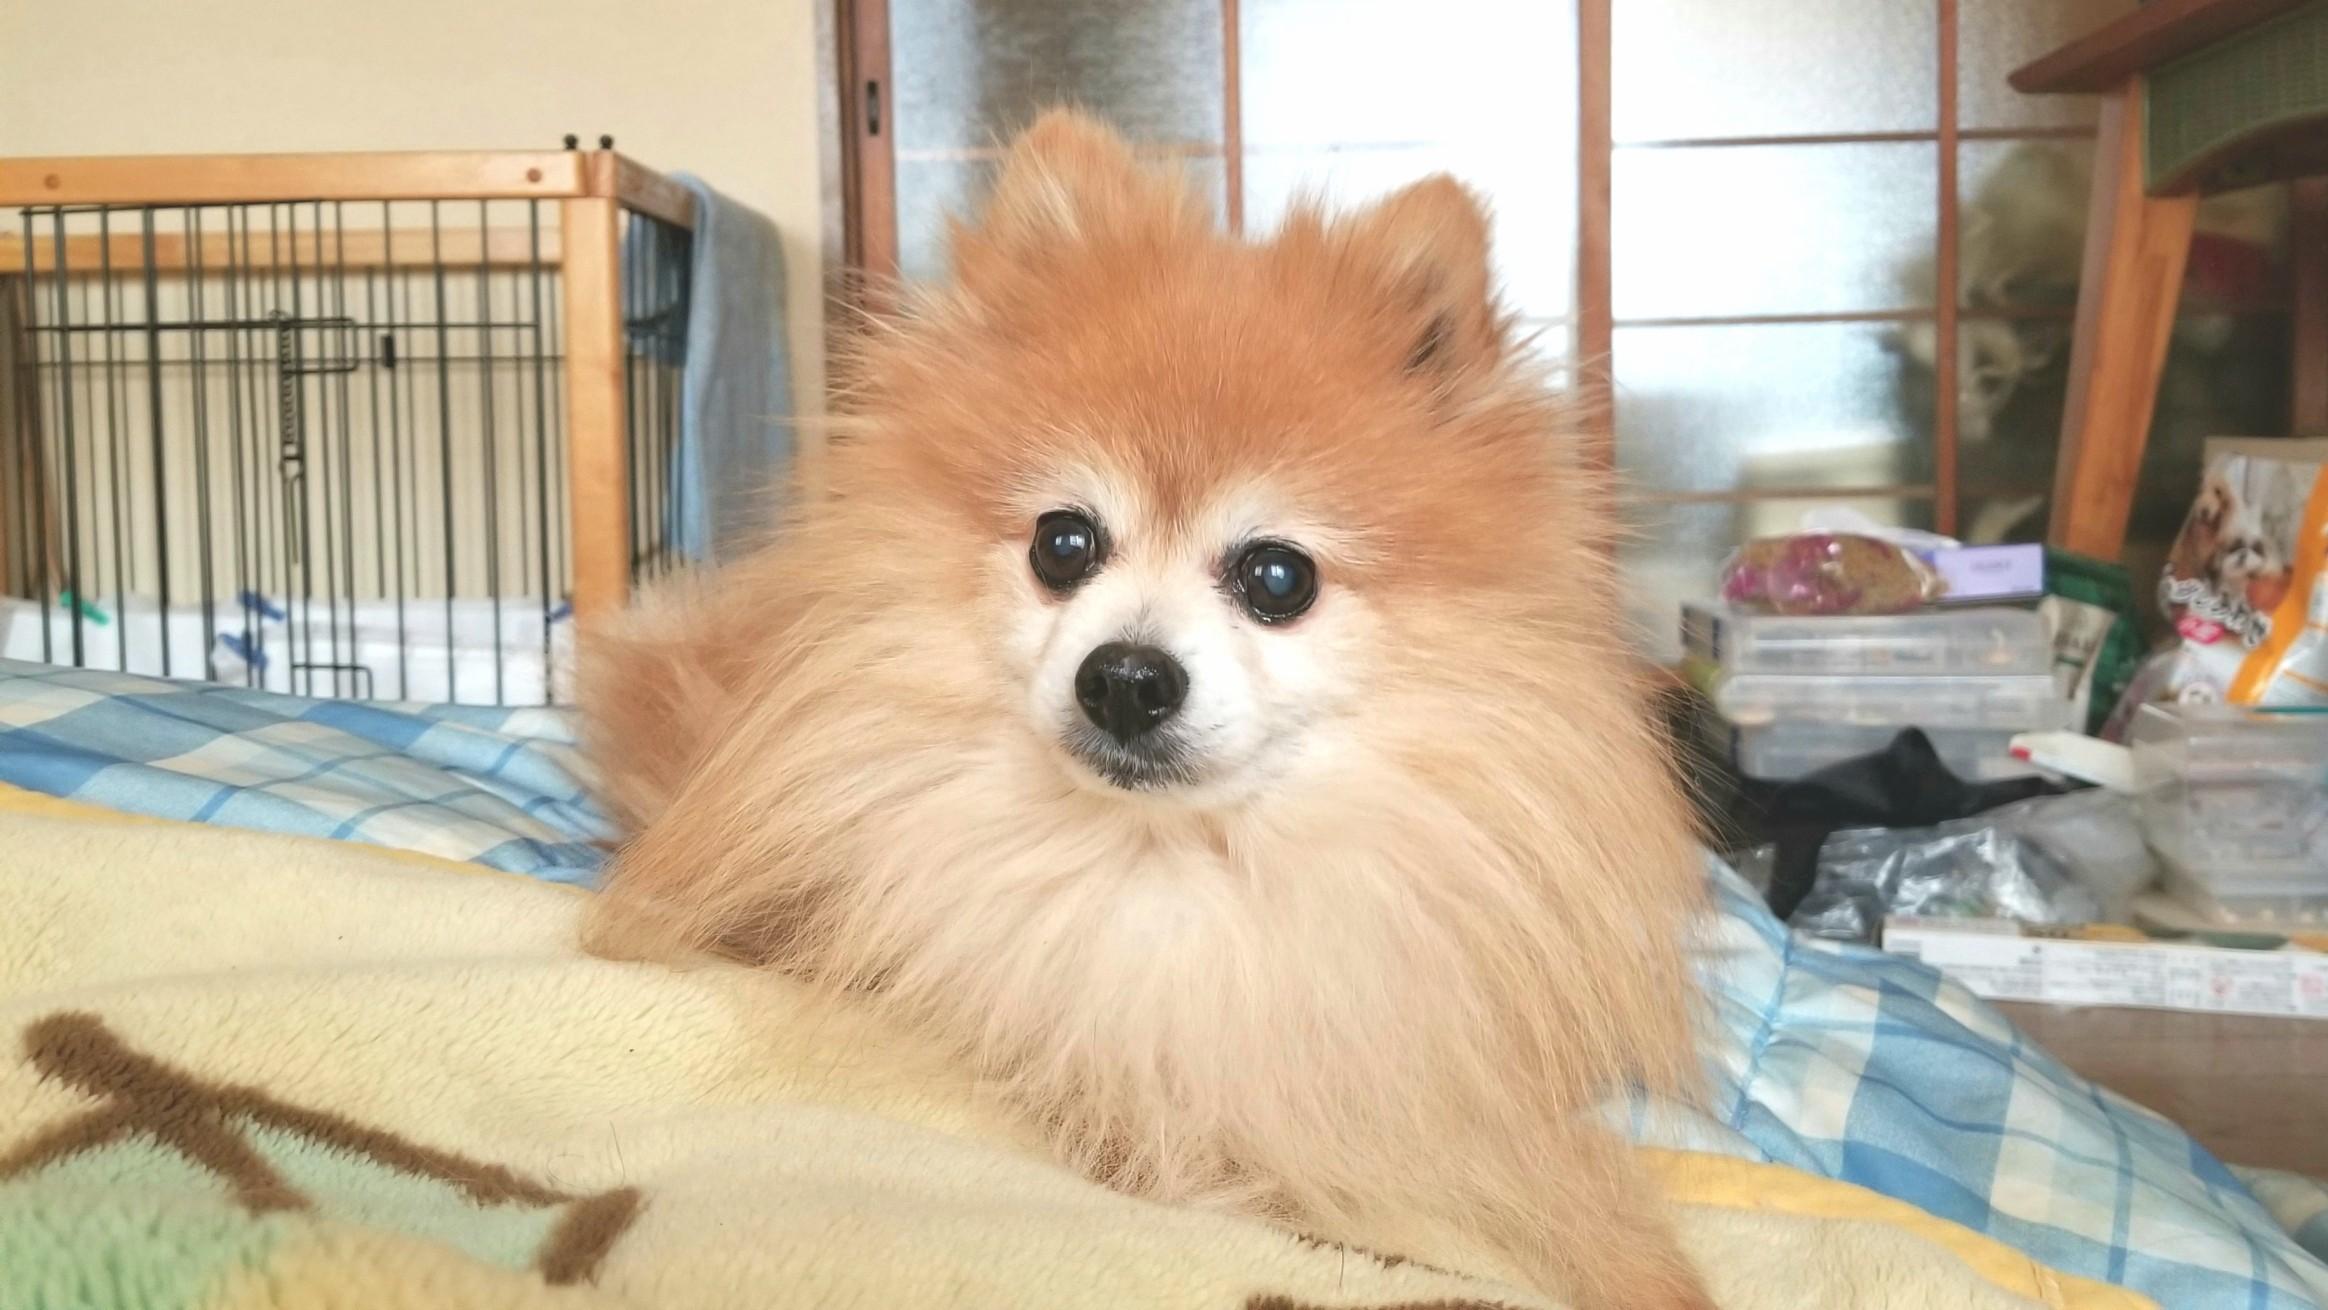 ペットは家族,愛犬,世界一かわいいポメラニアン,15才犬,癒しまったり